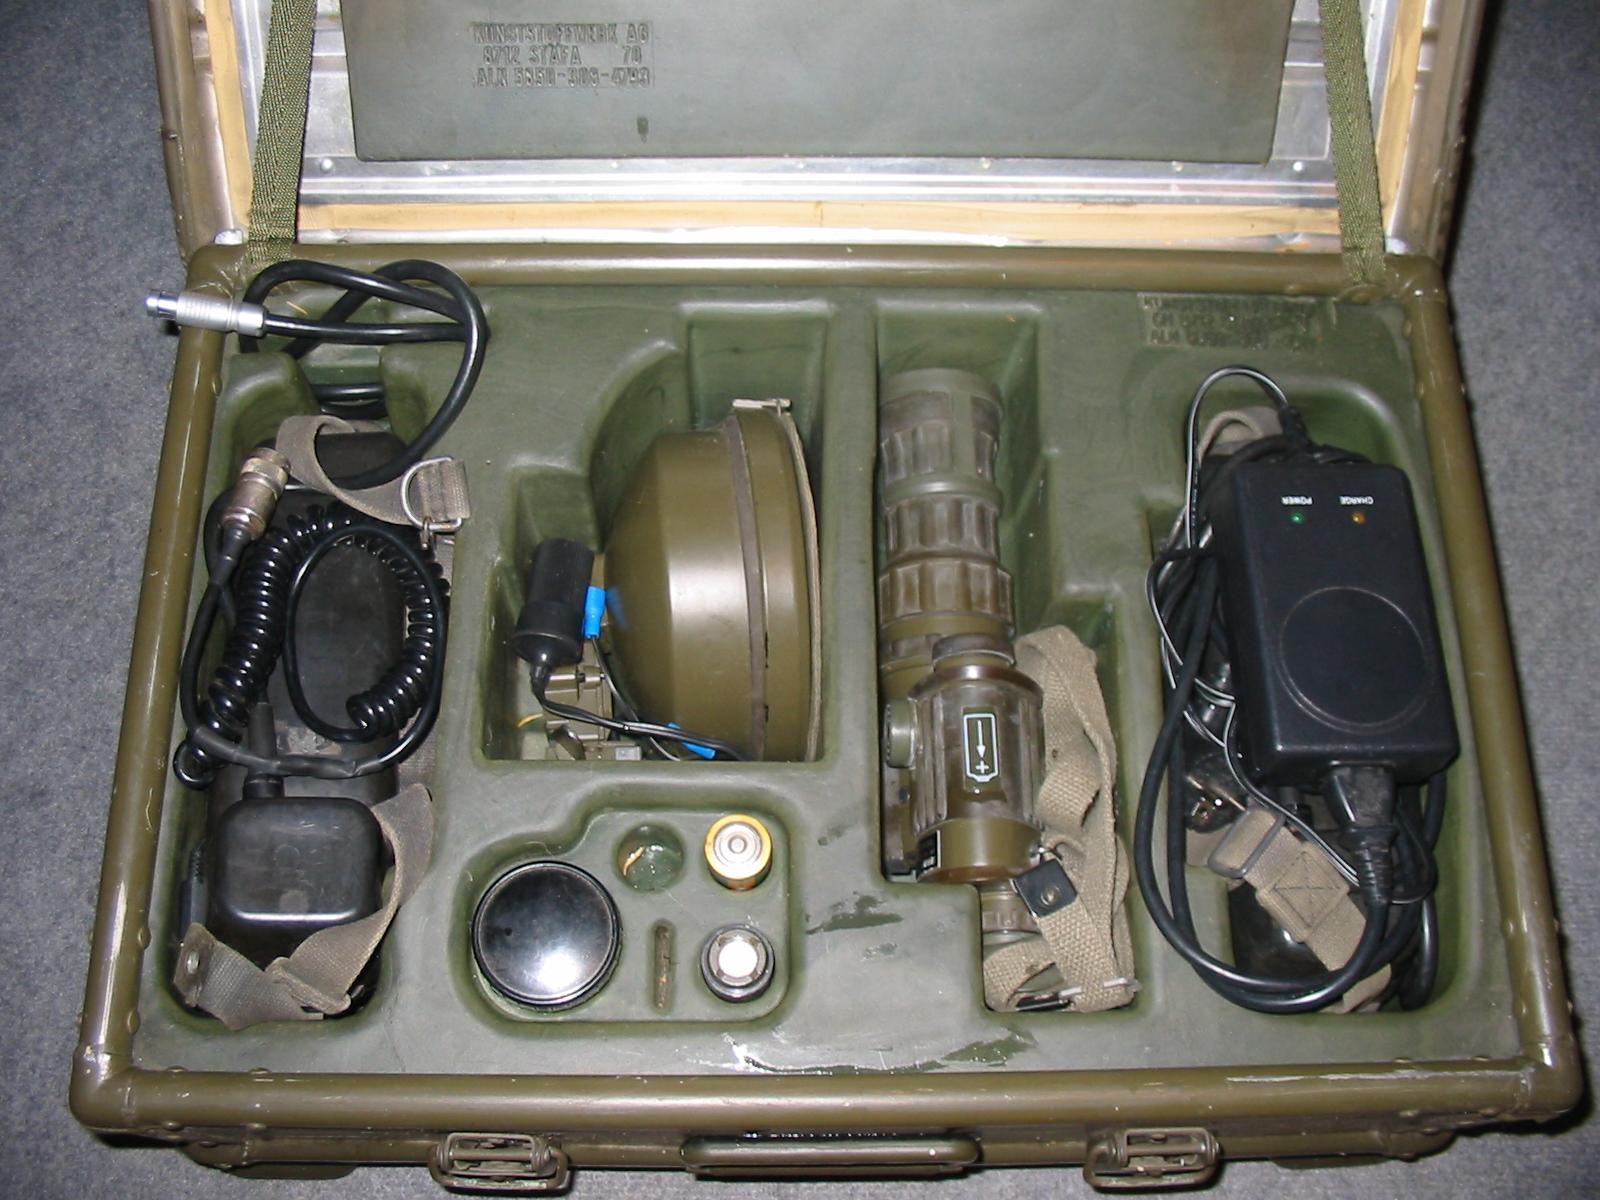 Binocular Cases & Accessories Binoculars & Telescopes Bw Infrarot-scheinwerfer-satz Fero 51 Valise+batterie+montage+